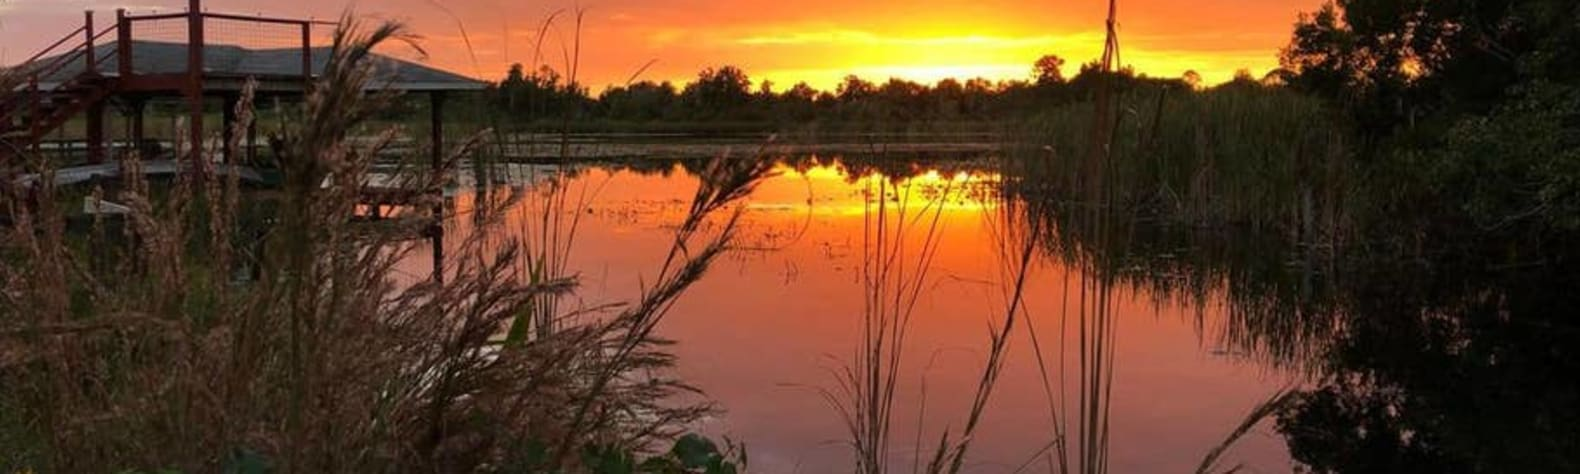 Lake Huntley Oasis